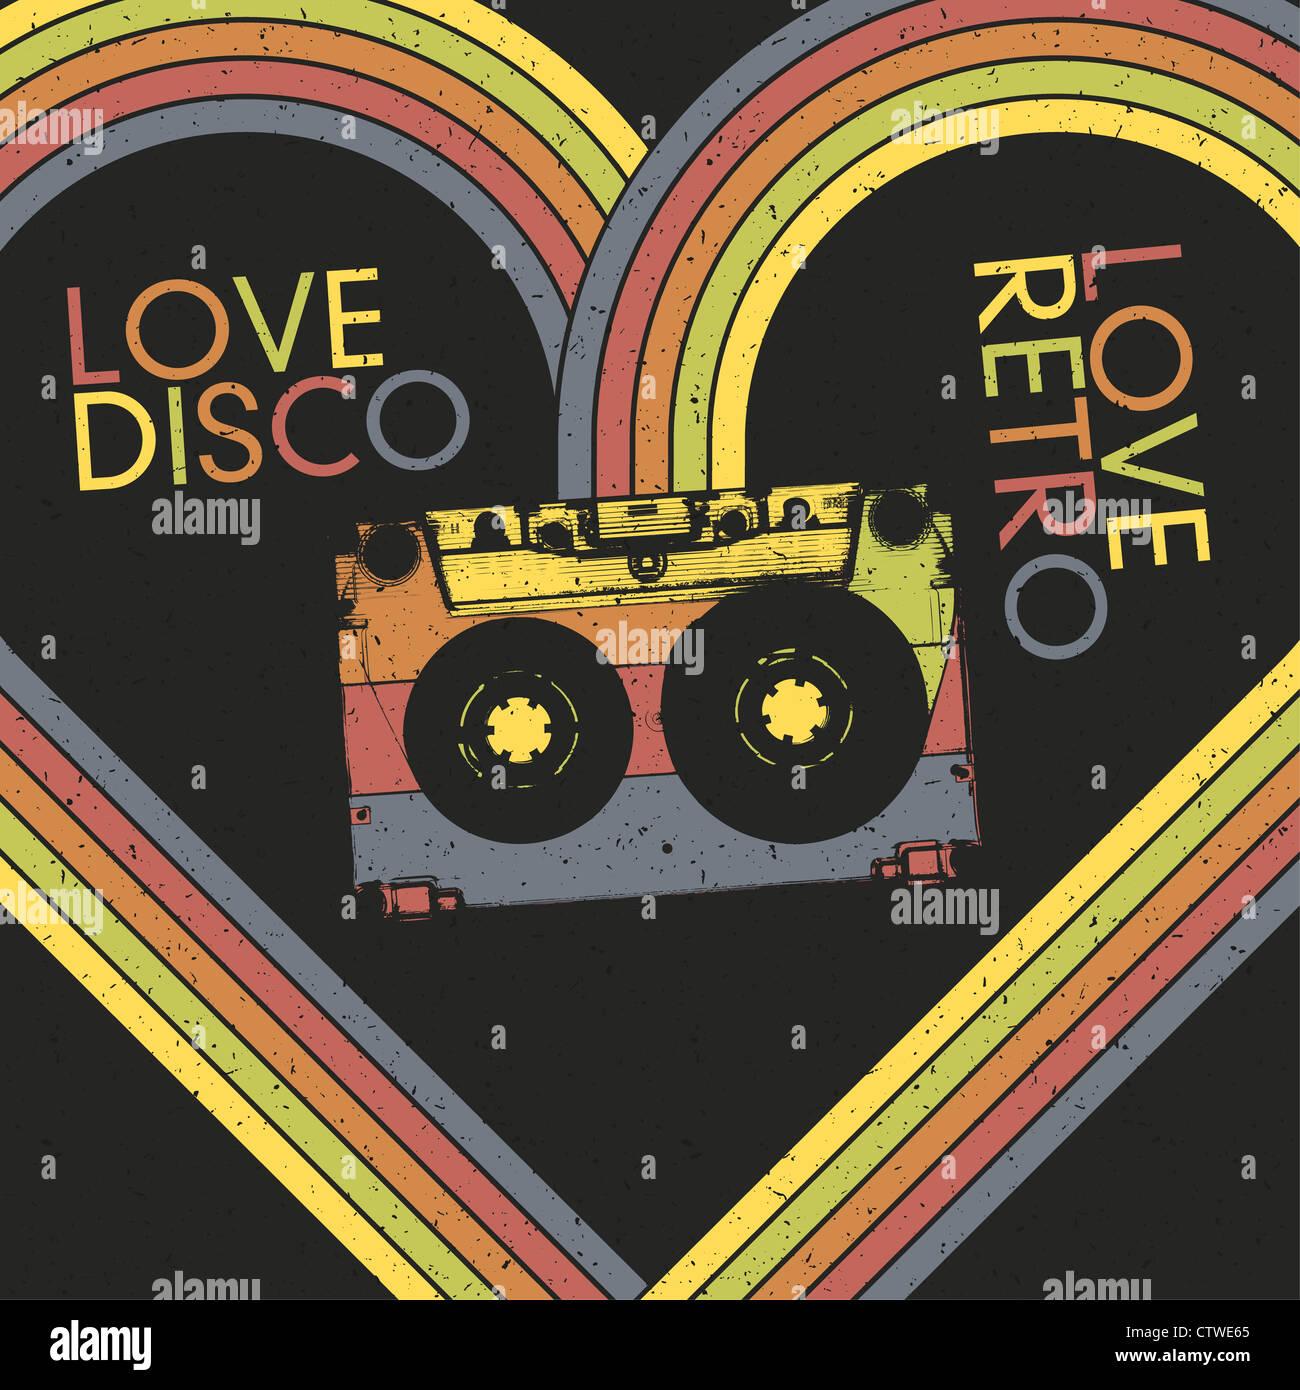 Amor, amor de discoteca Retro. Plantilla de diseño de carteles Vintage Imagen De Stock